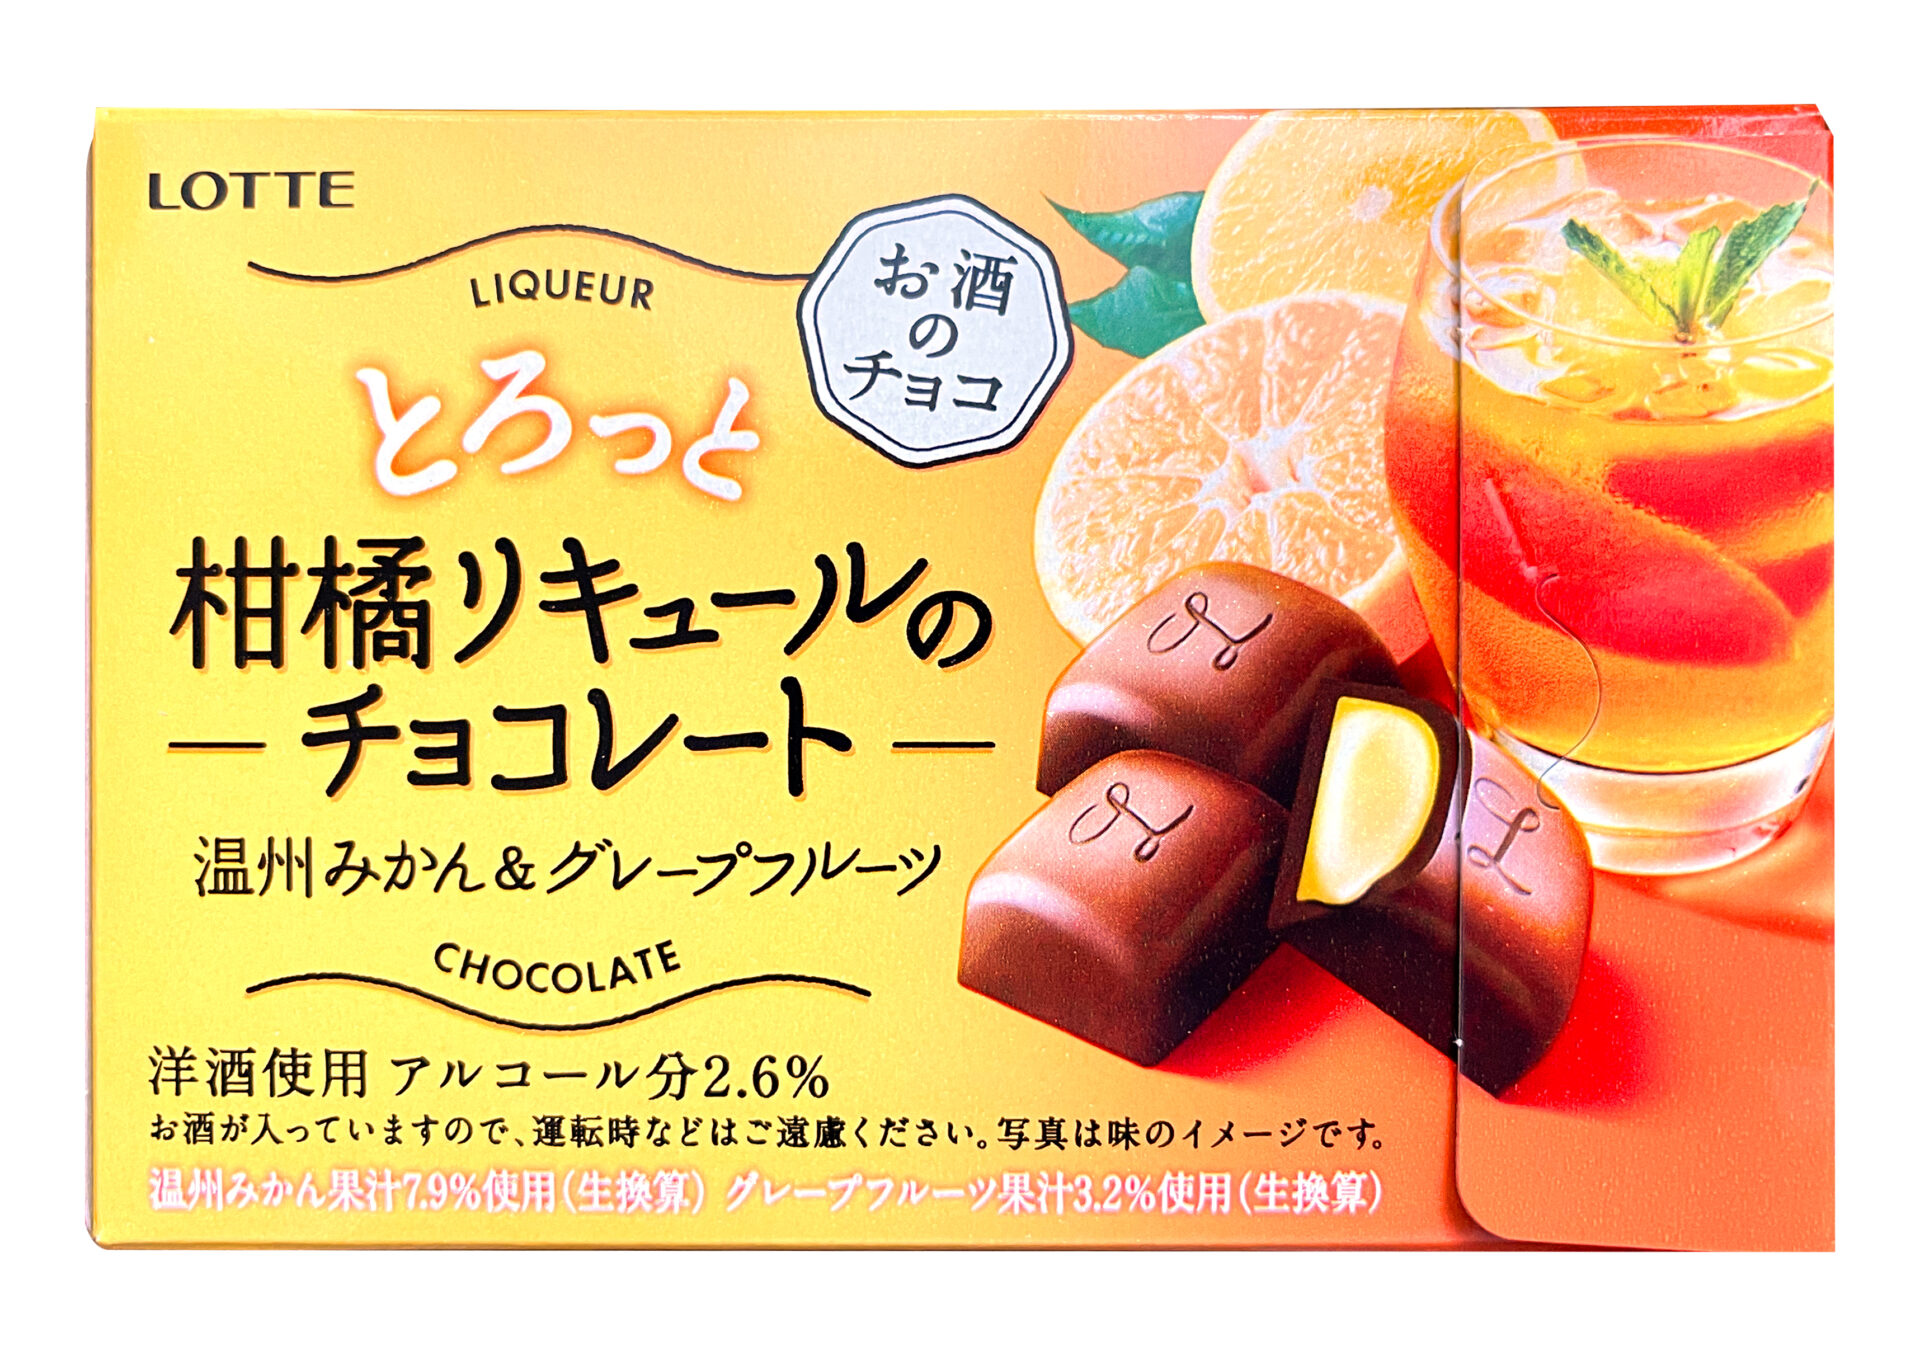 ロッテ『とろっと柑橘リキュールのチョコレート』